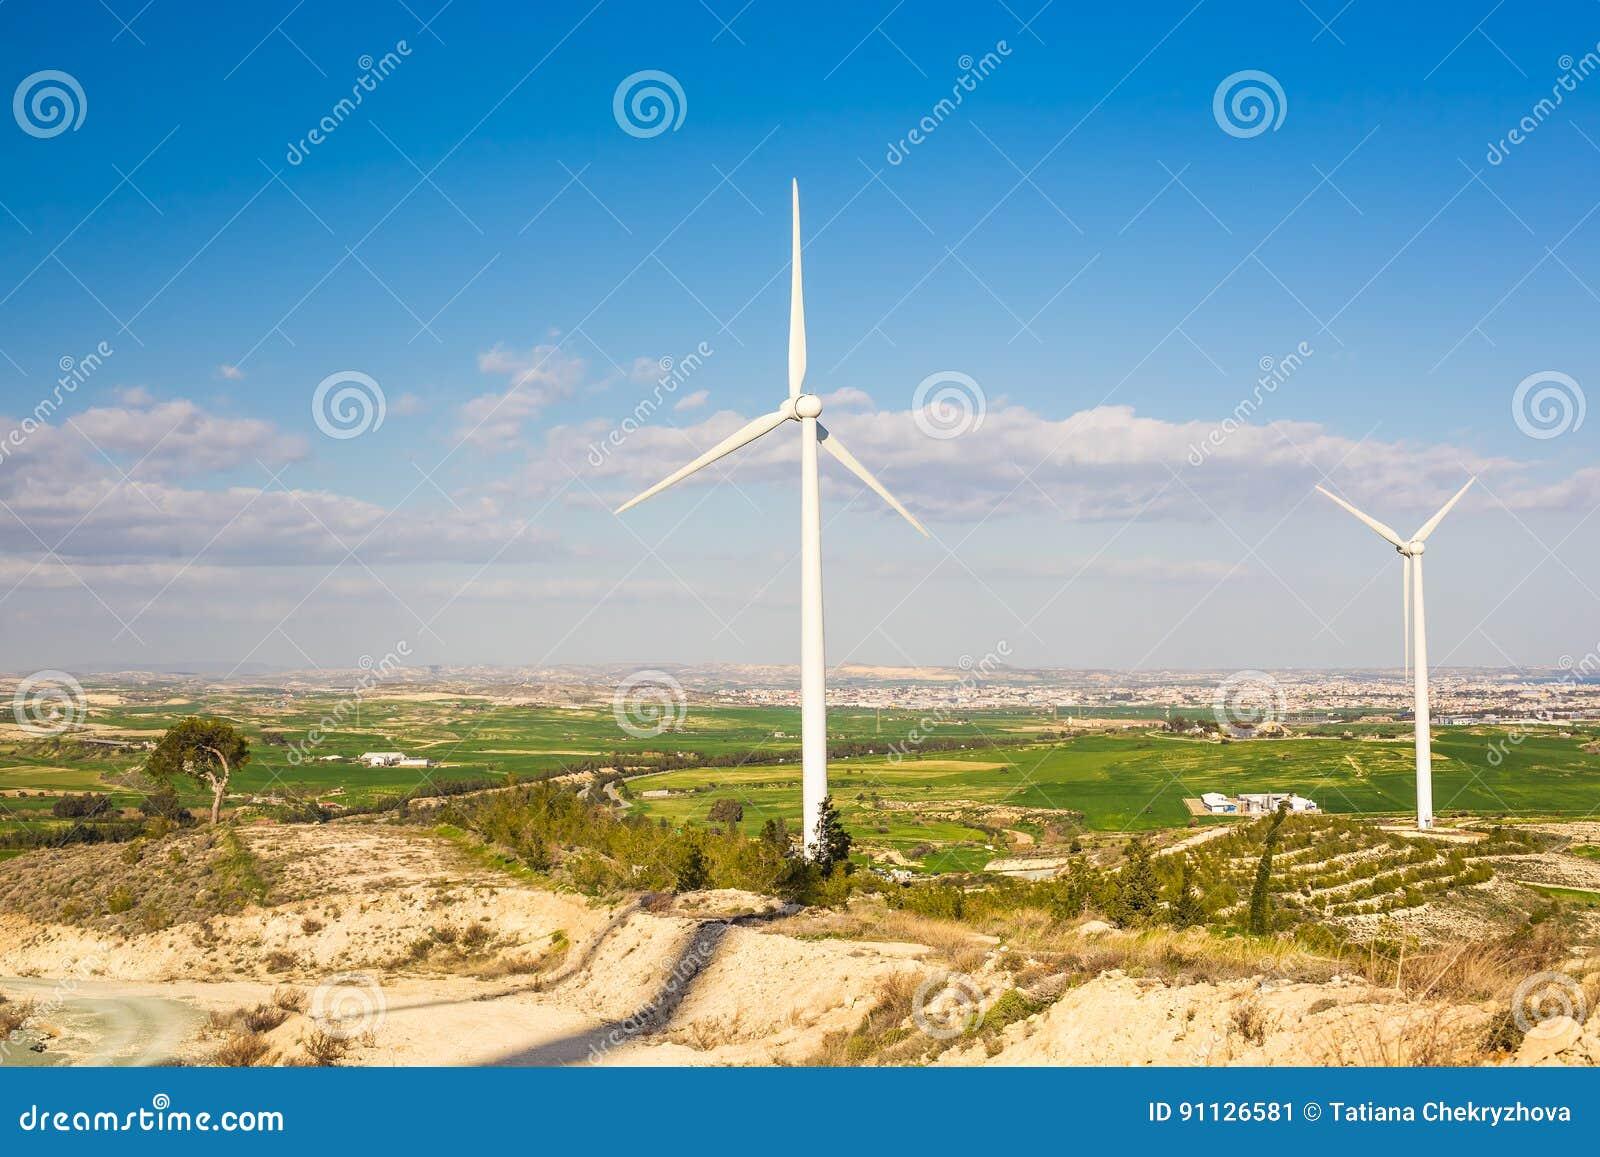 Generatori eolici che generano elettricità con cielo blu - concetto di risparmio energetico